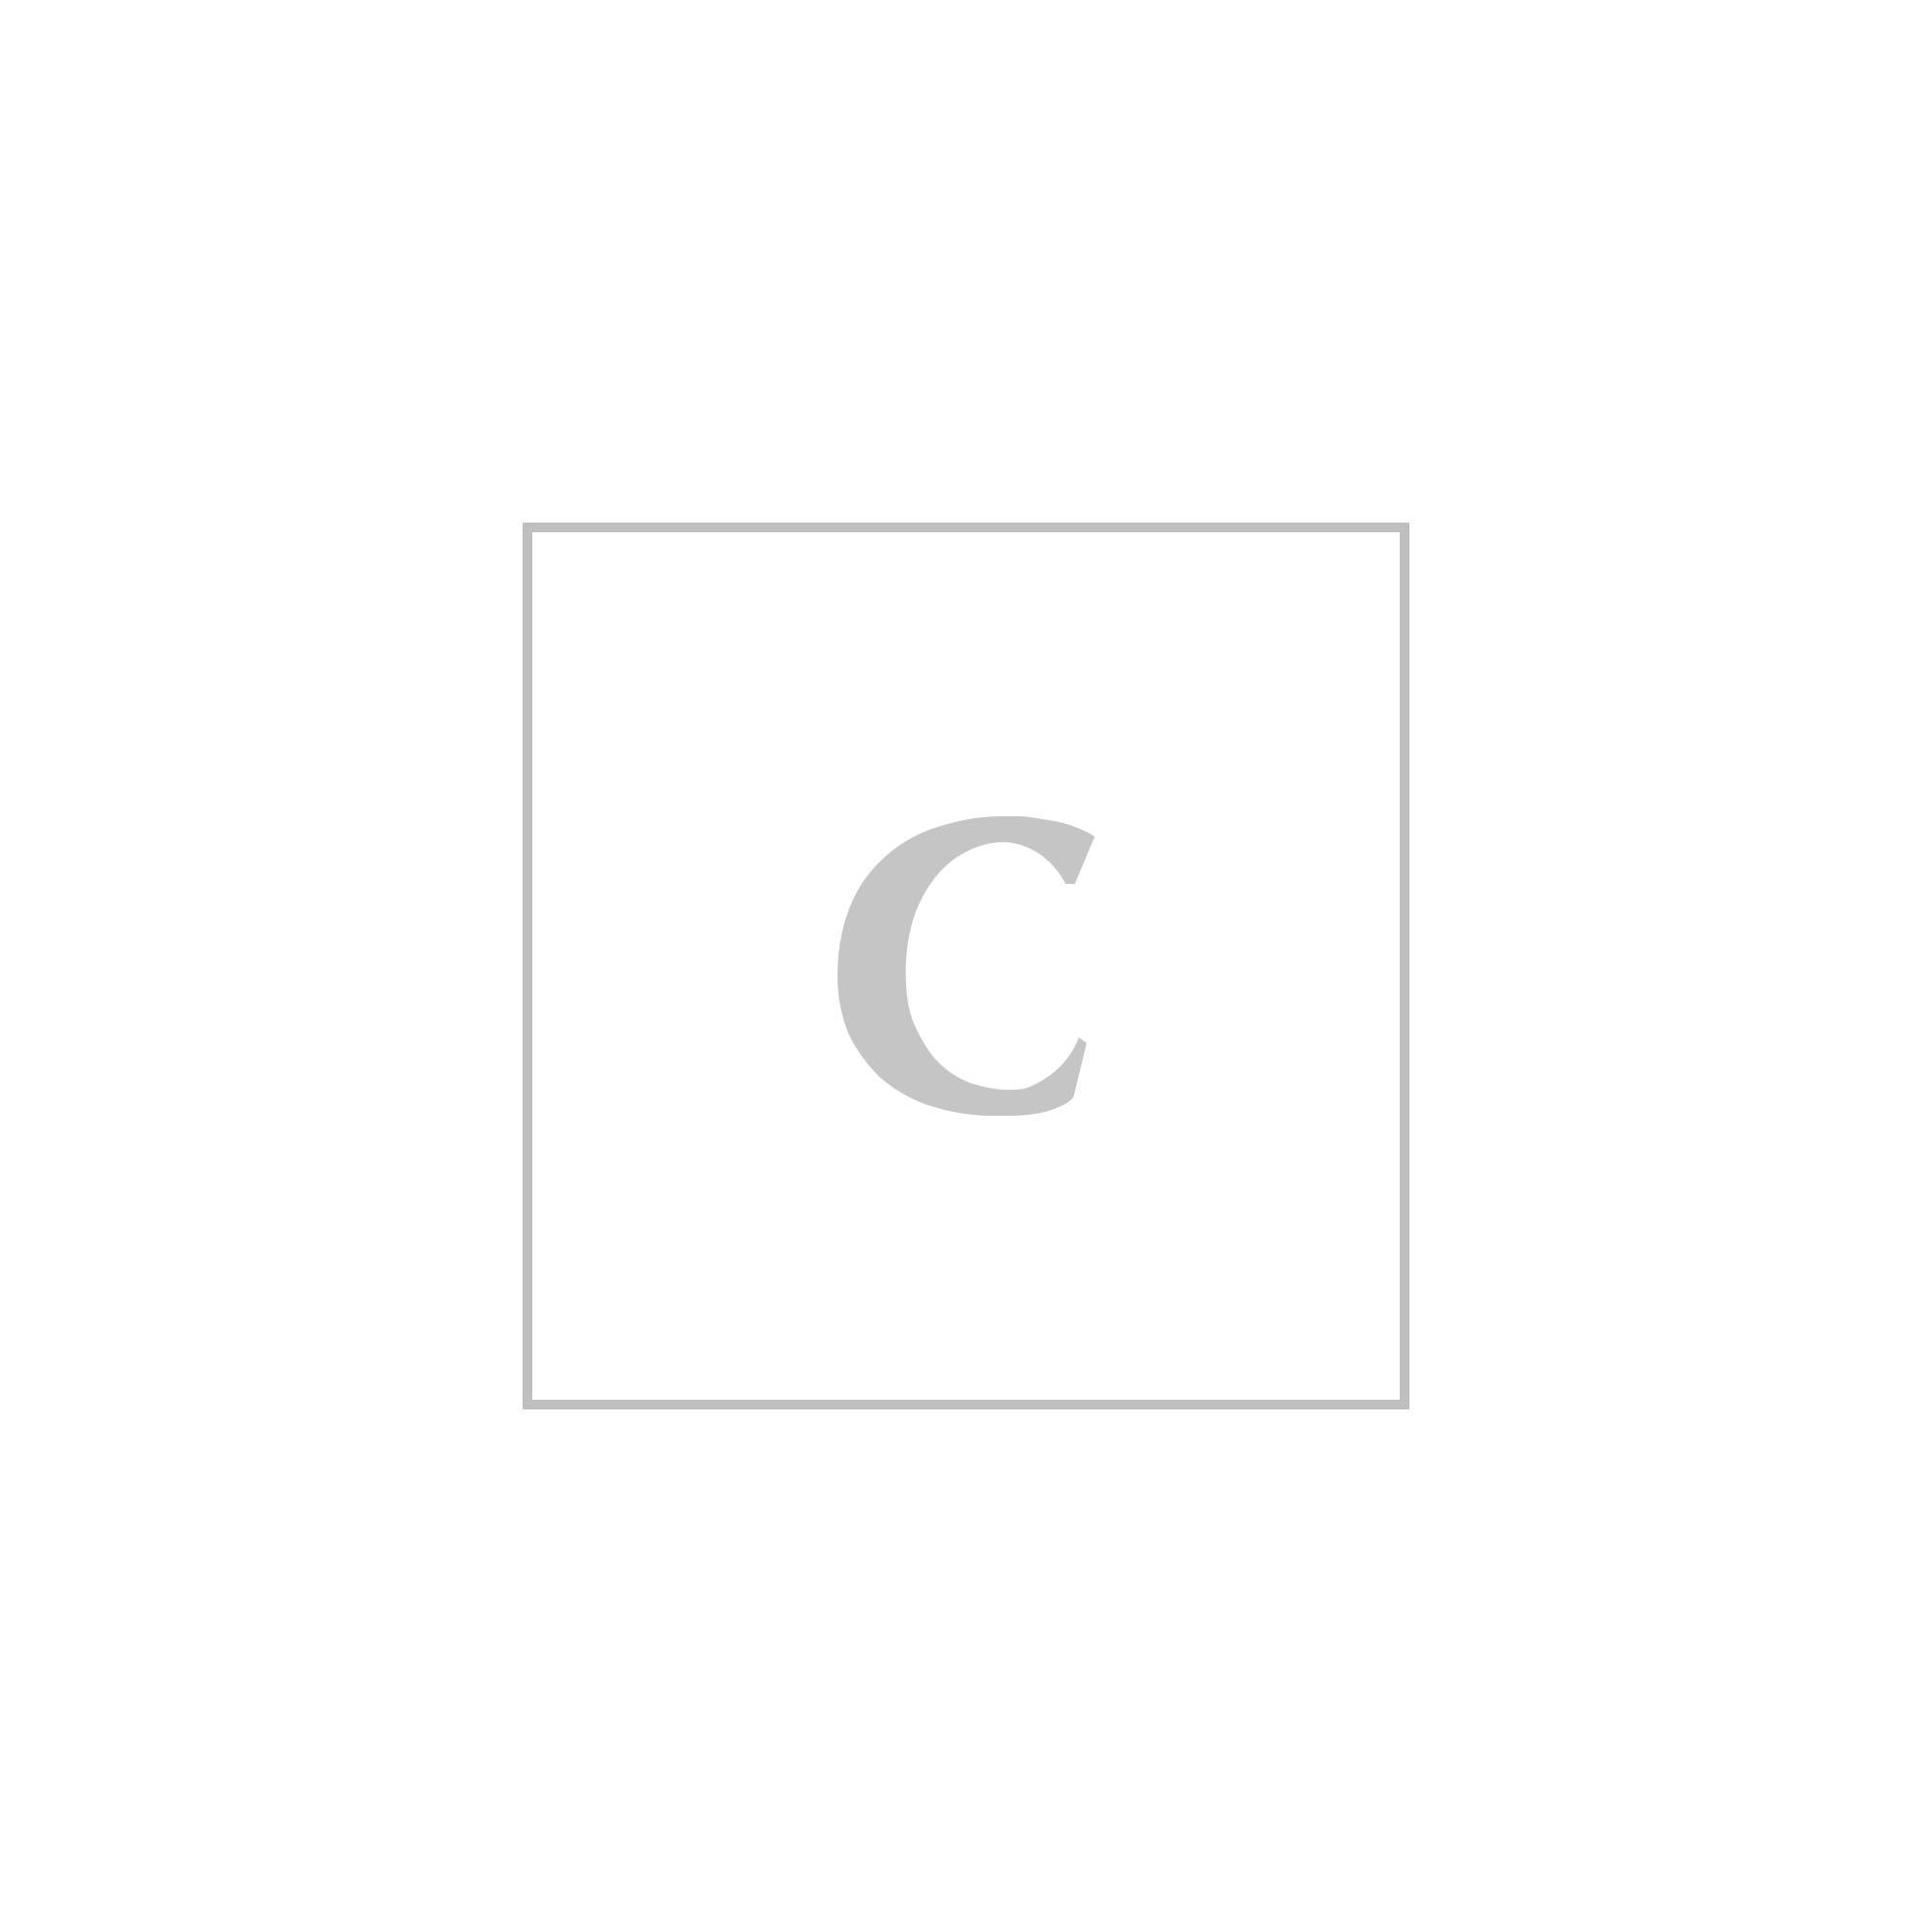 Stella mccartney jeans denim org class blue wh clouds app